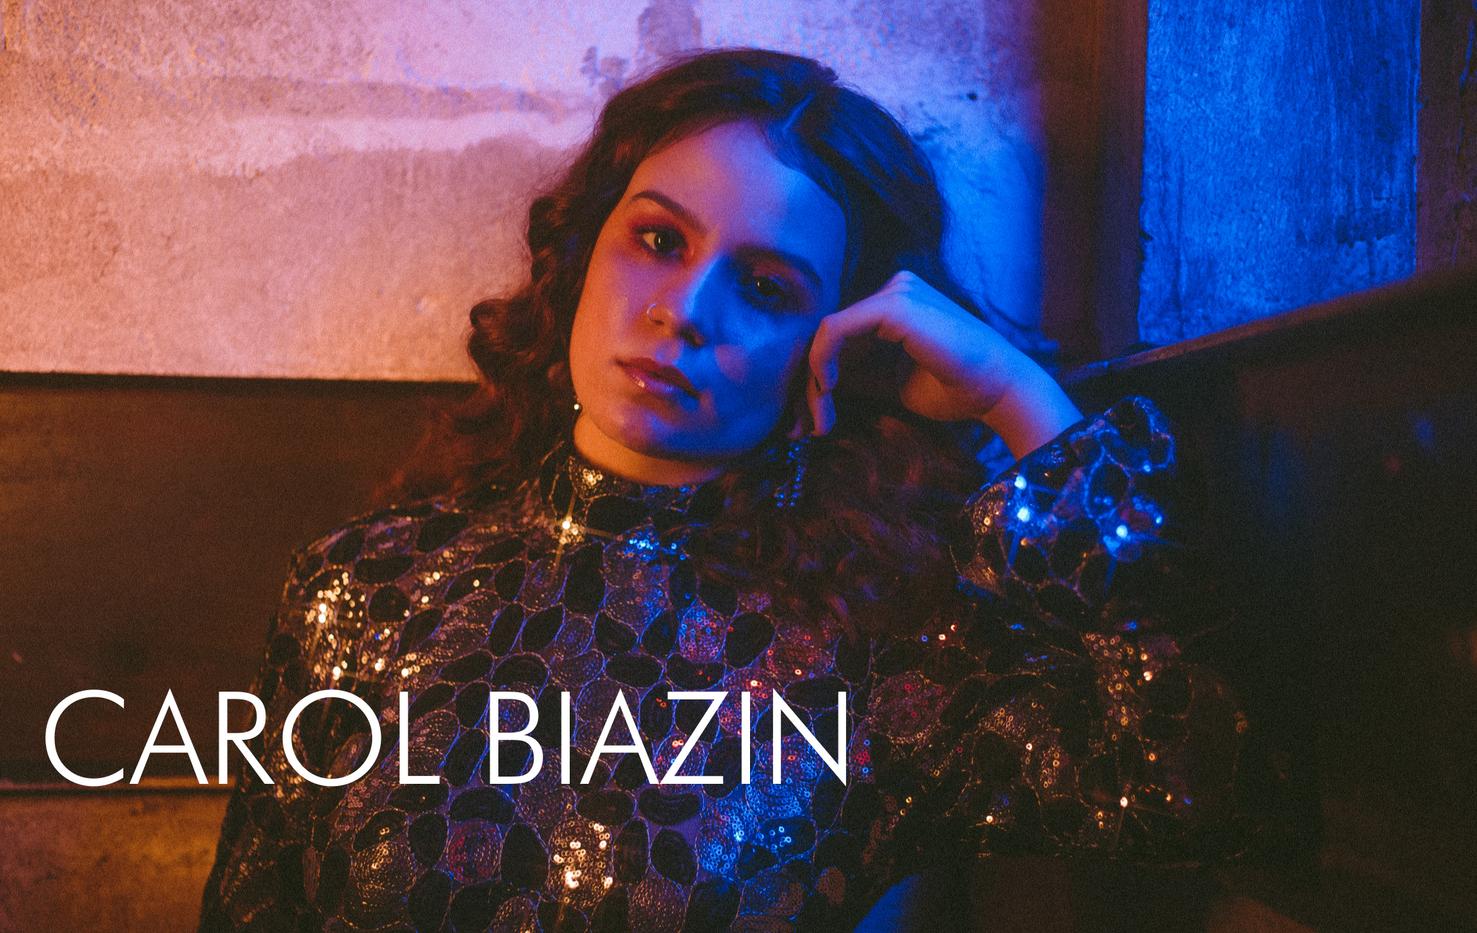 Carol Biazin